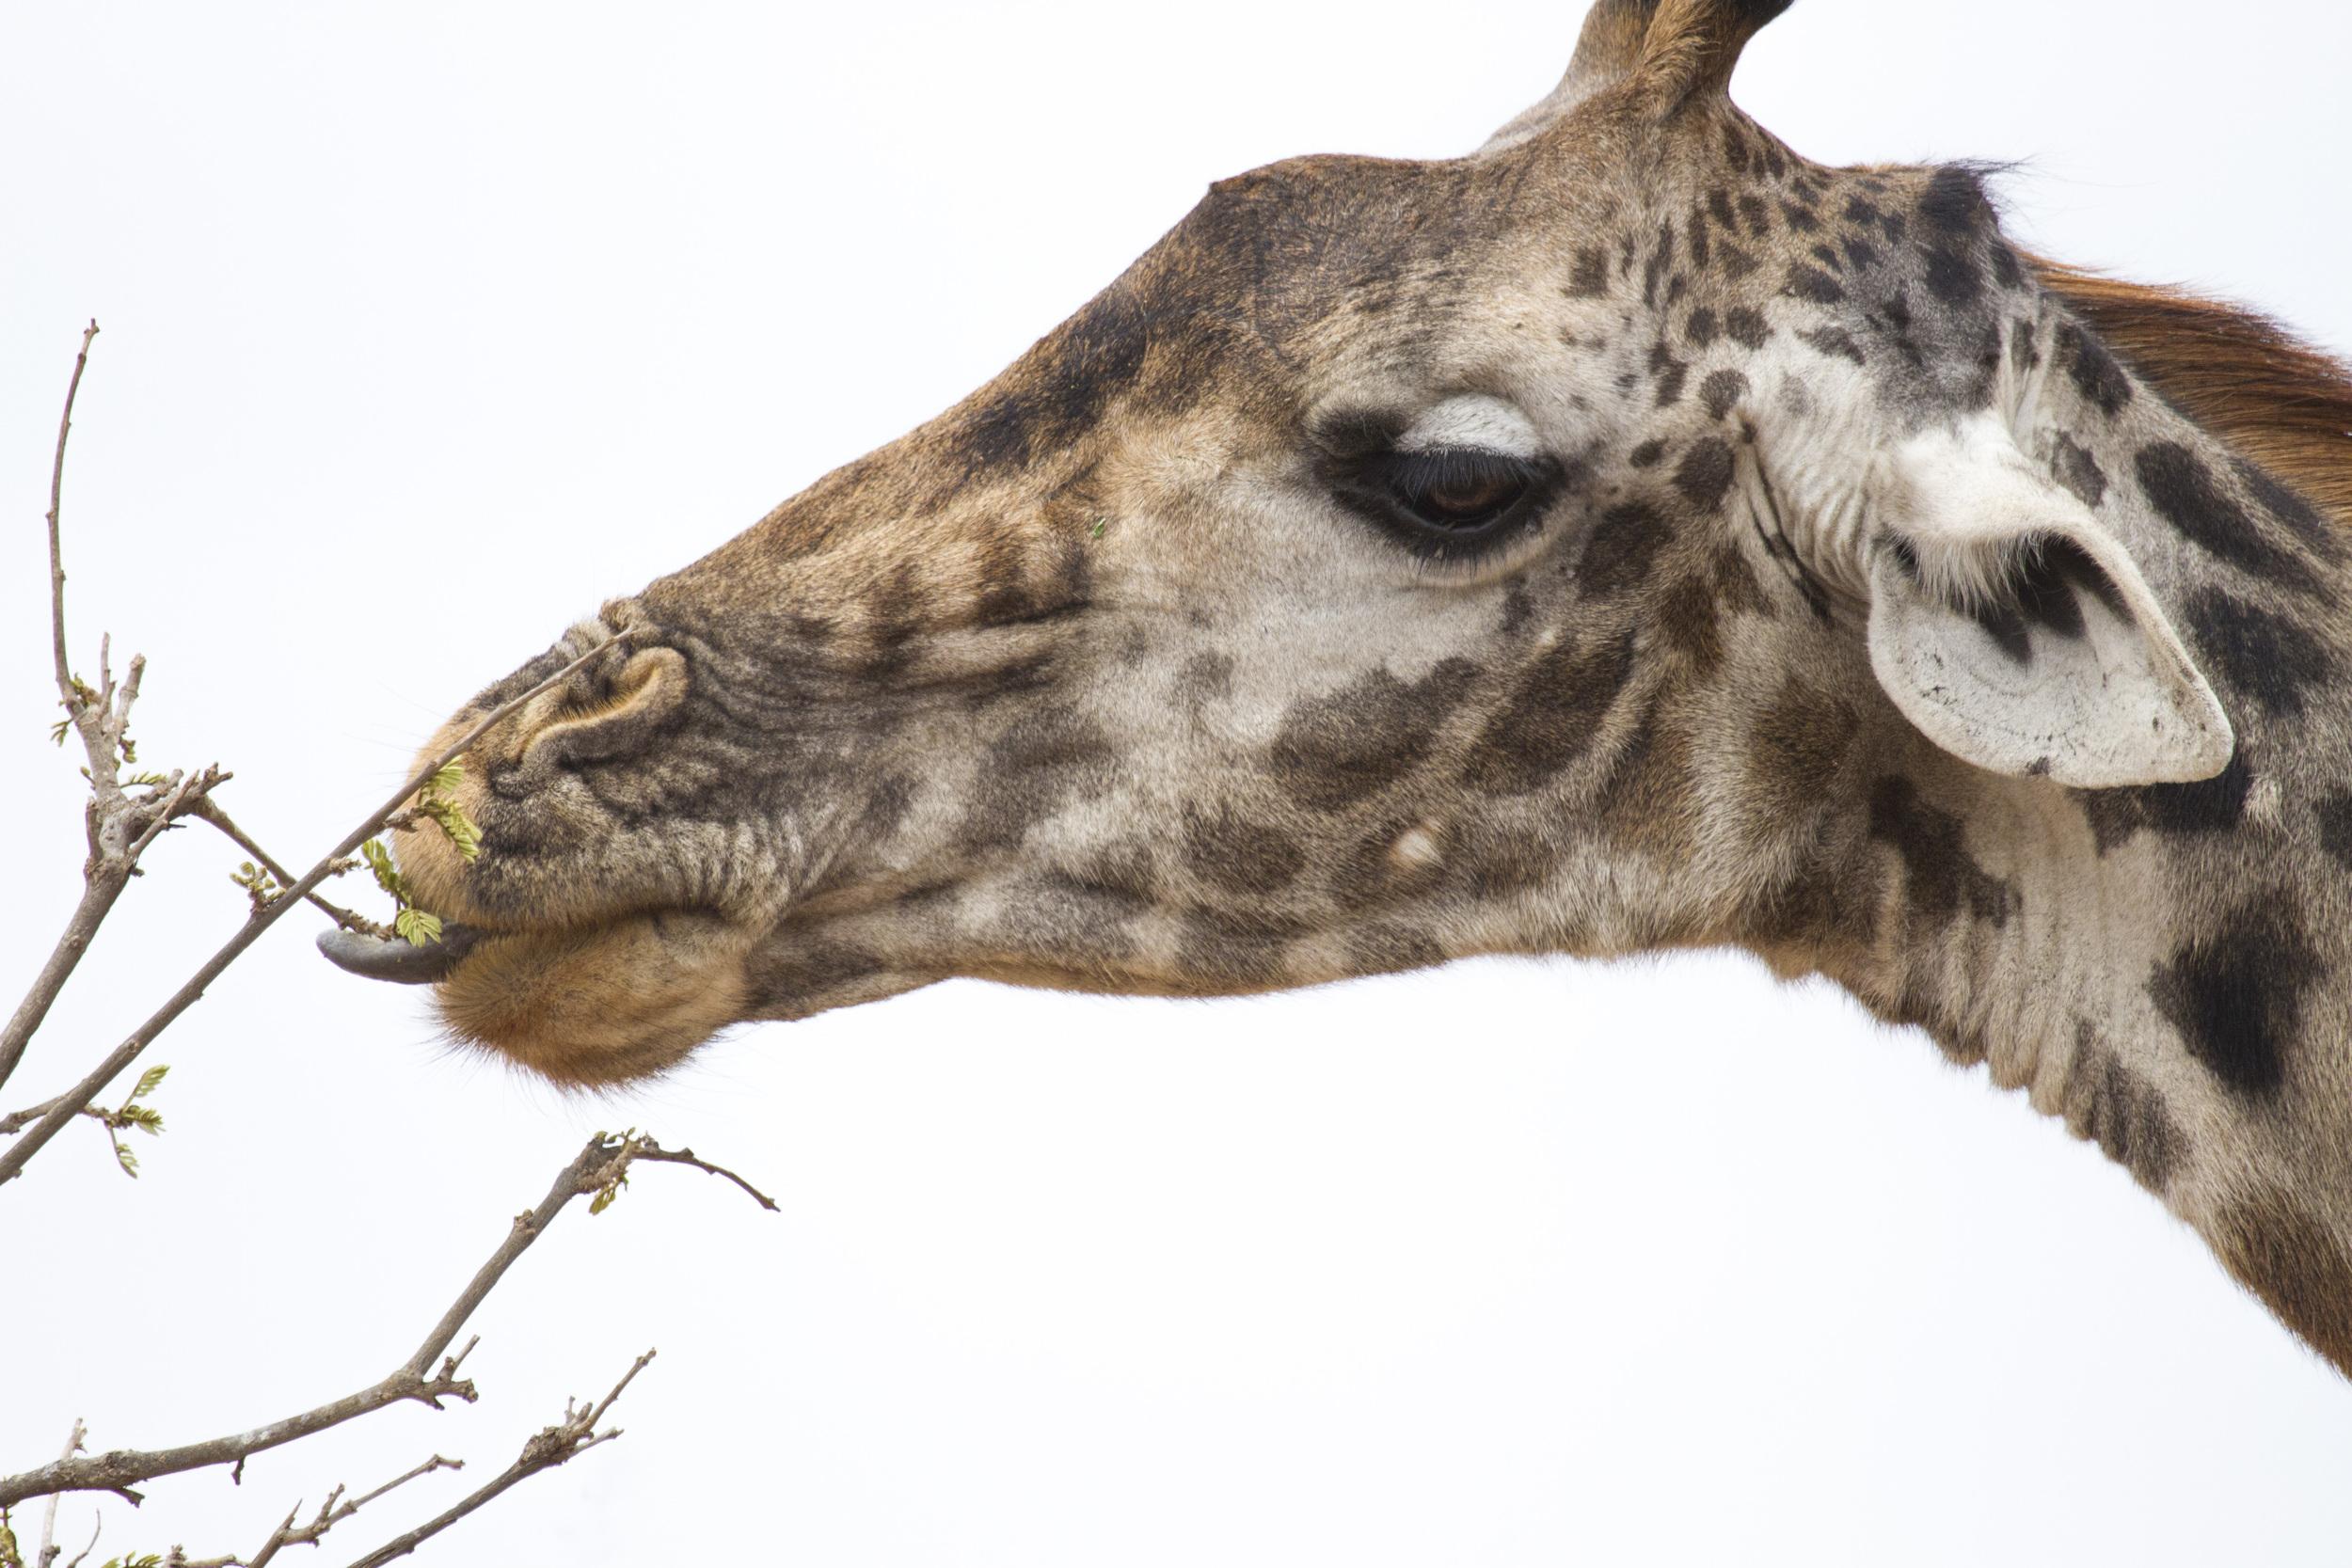 Giraffe eating.jpg